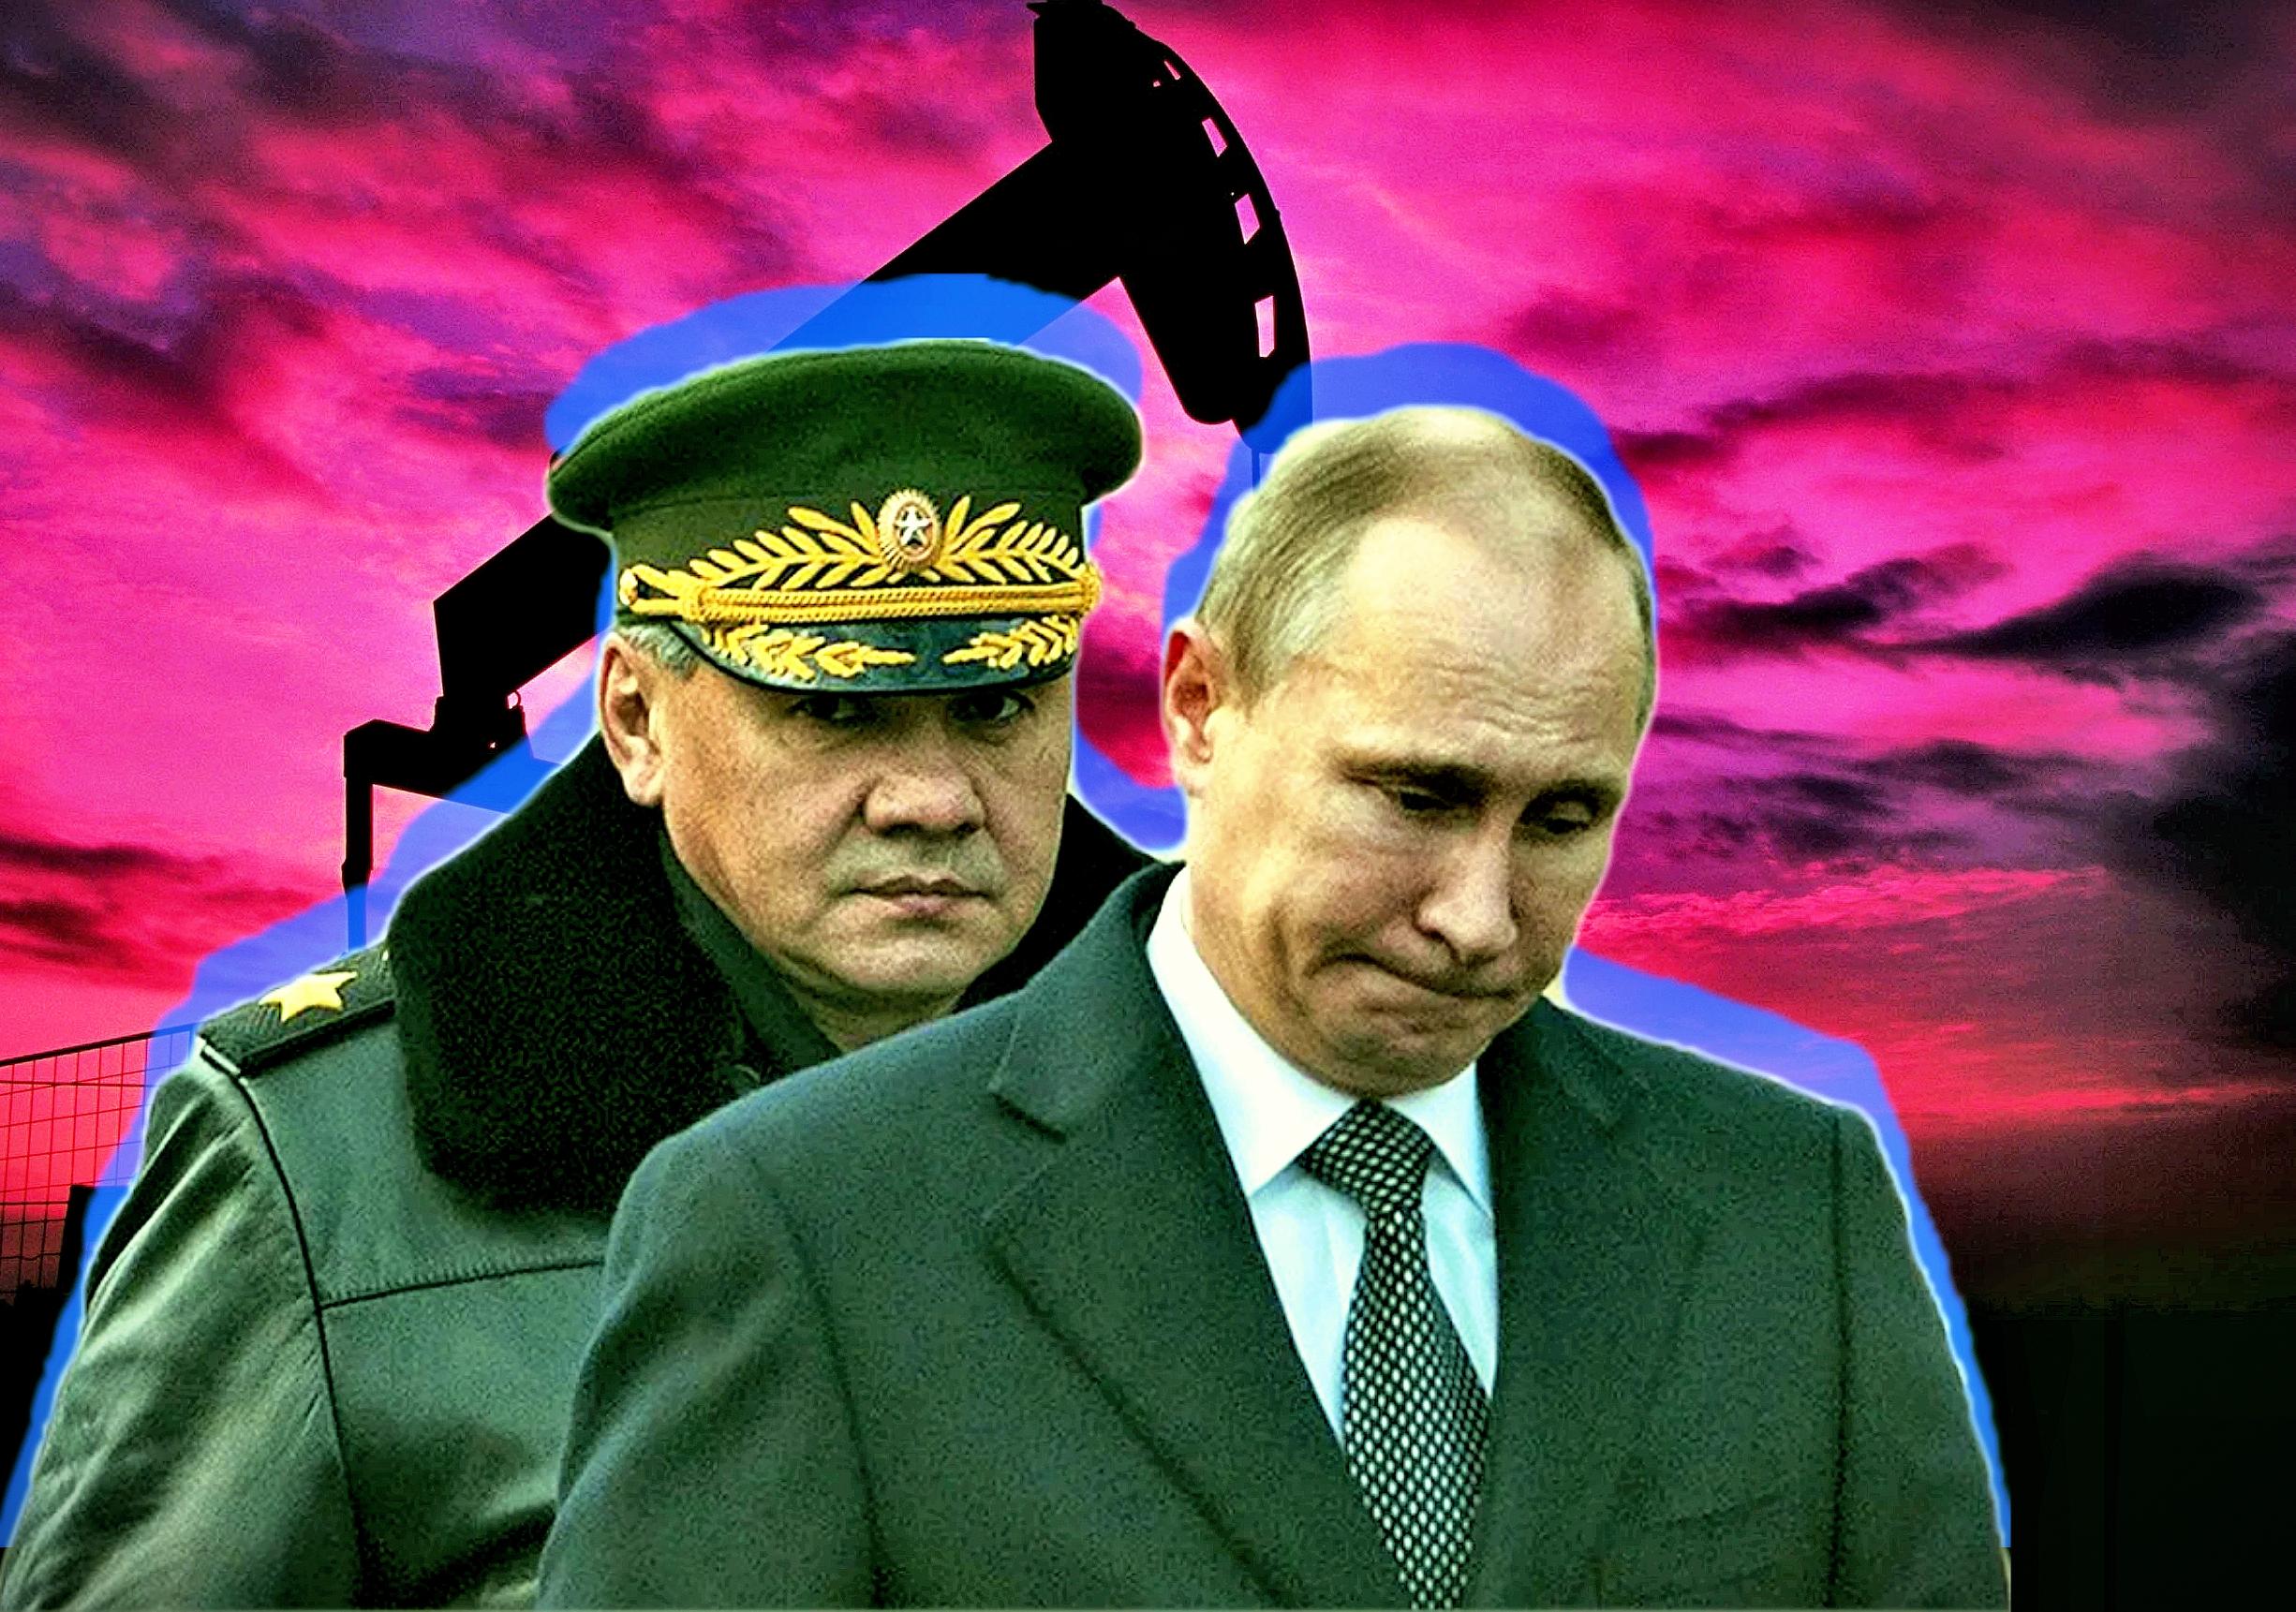 Если свергнуть Путина - будет еще хуже. Честные выборы или преемник